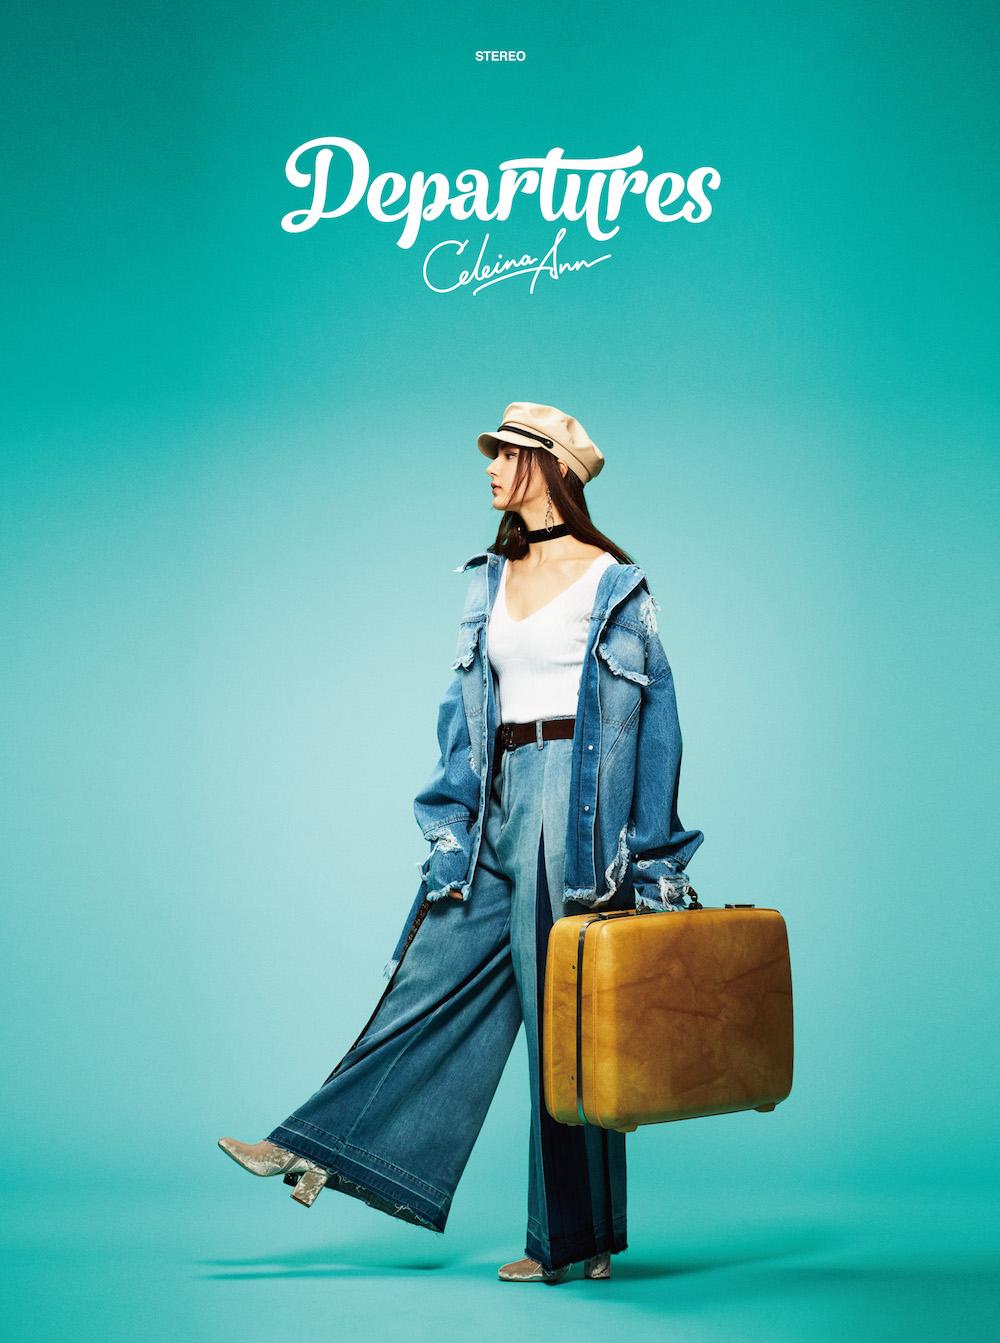 セレイナ・アン、ファーストフルアルバム『Departures』のジャケット写真